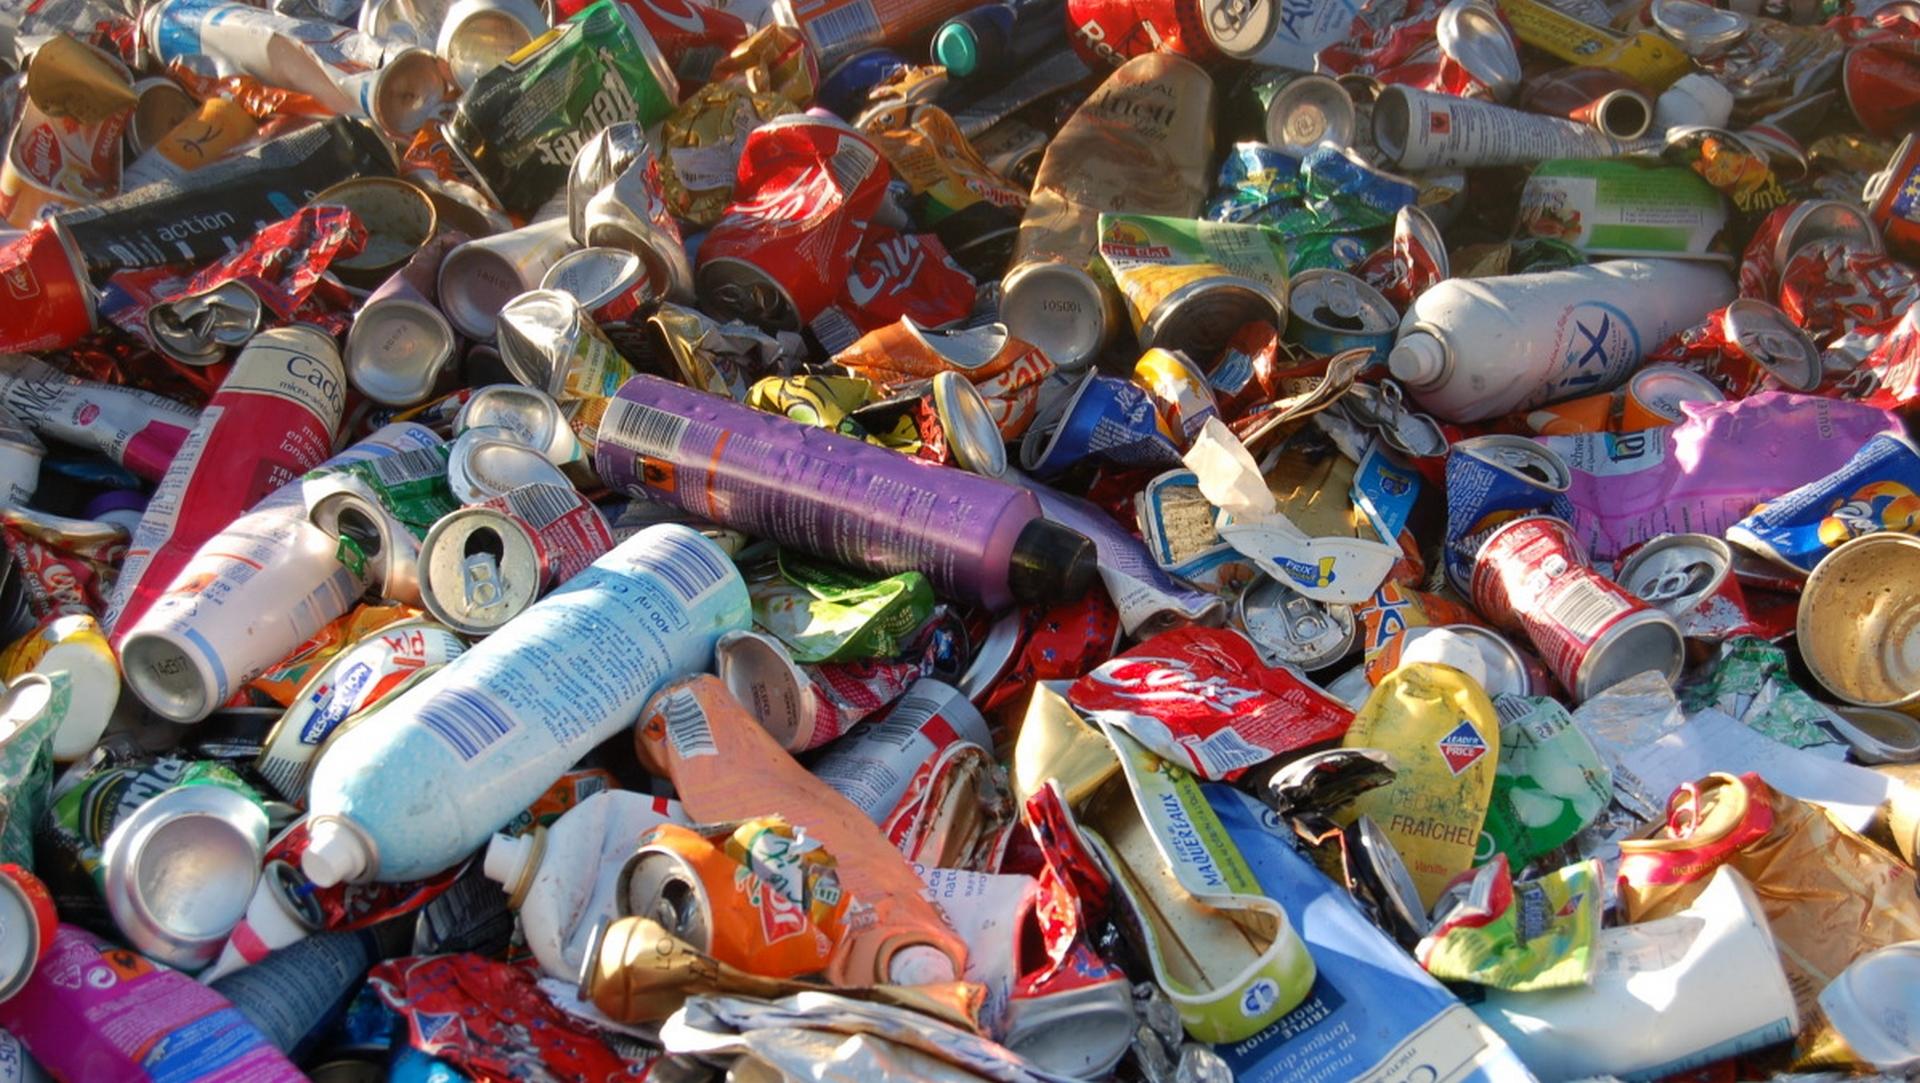 Les ordures ménagères de la CANGT iront à Sainte-Rose